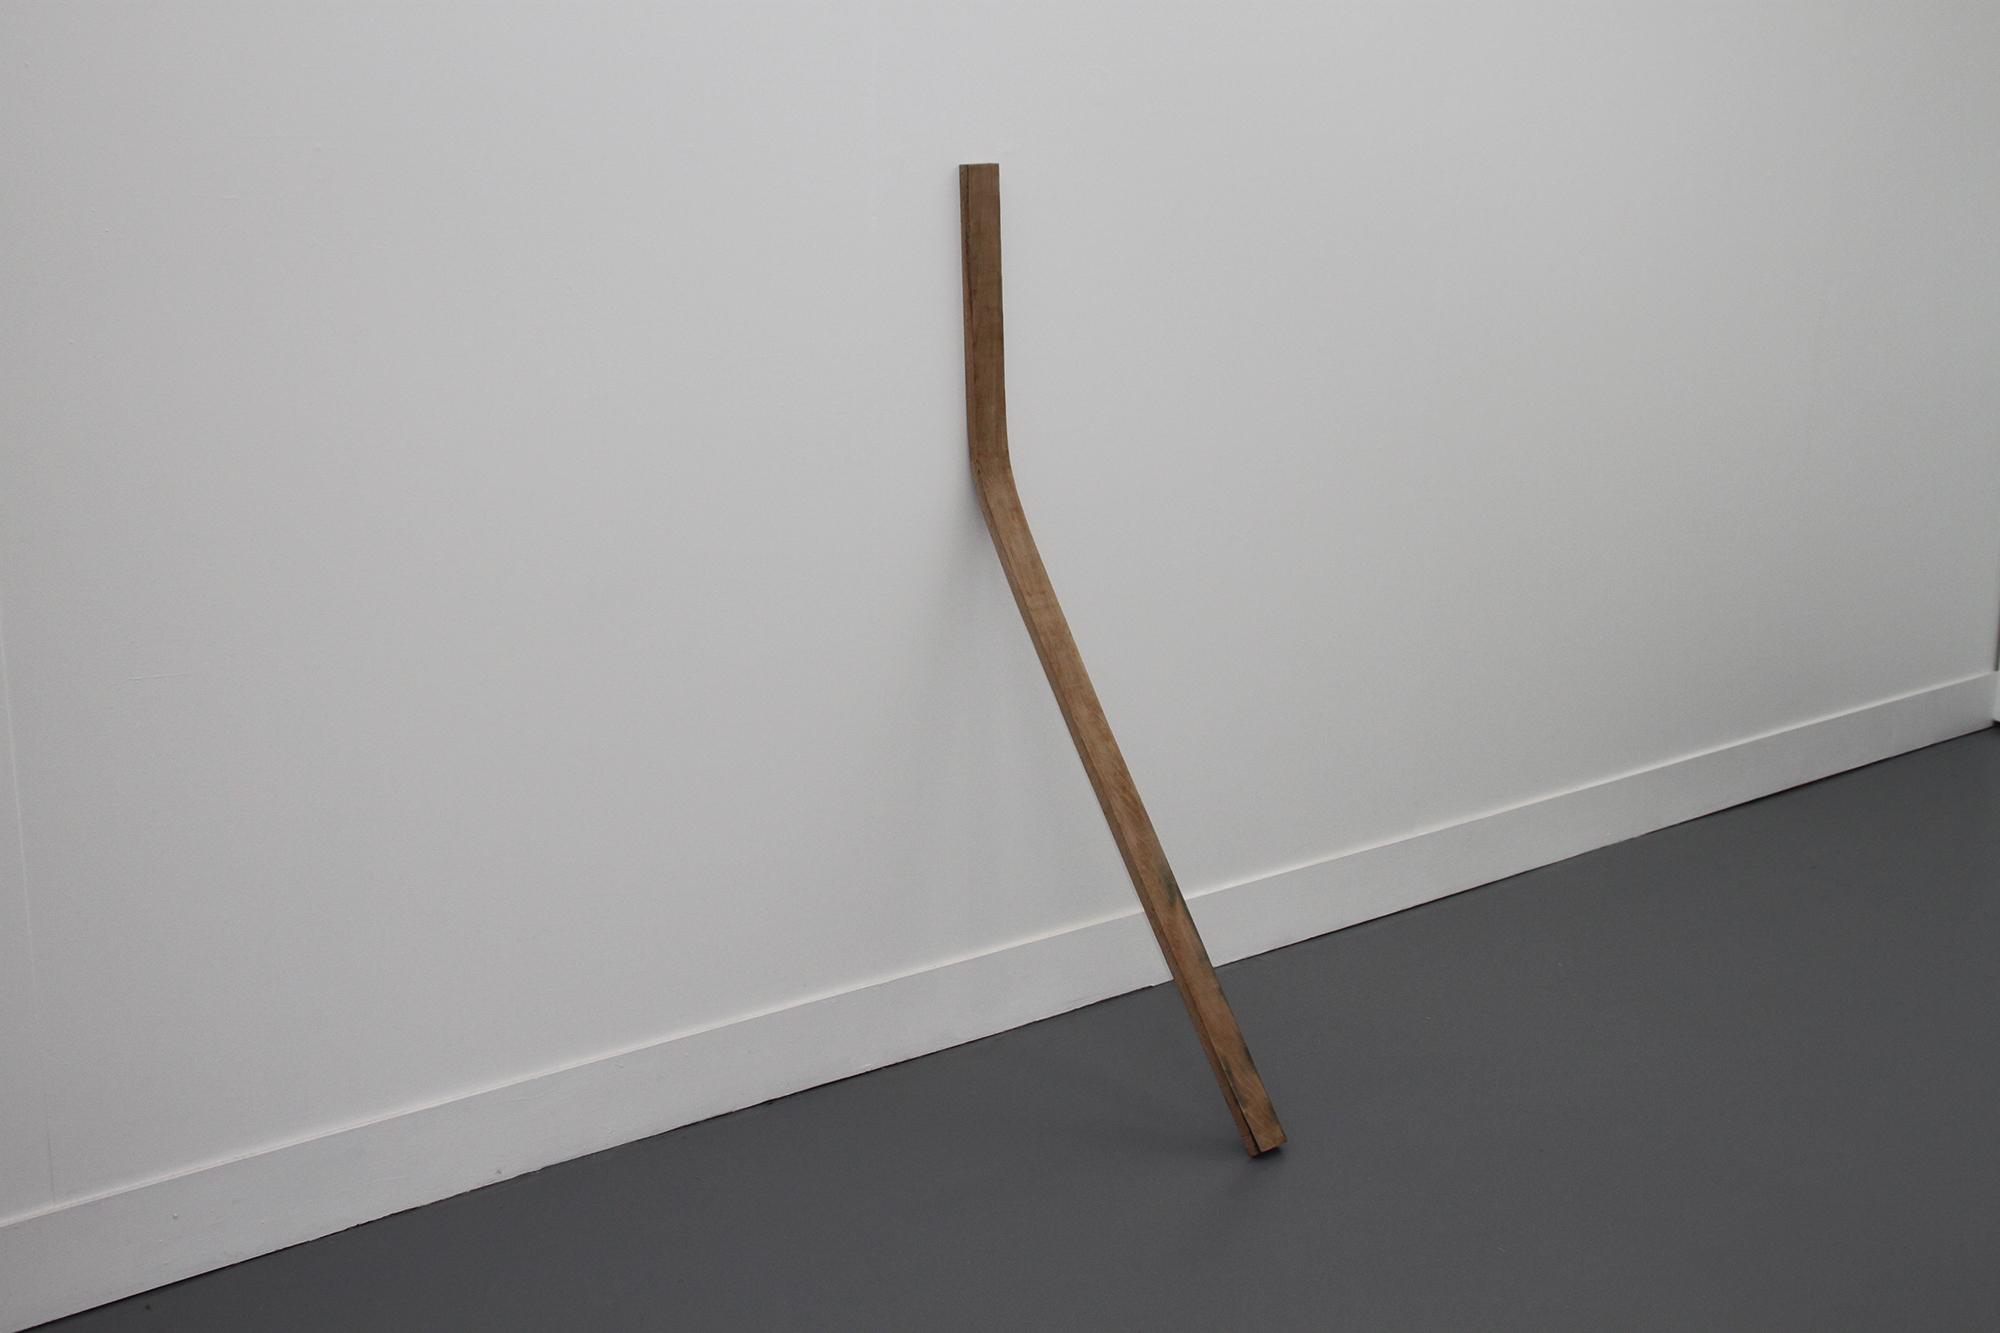 이다슬, Untitled, 2015, 나무, 1500mm